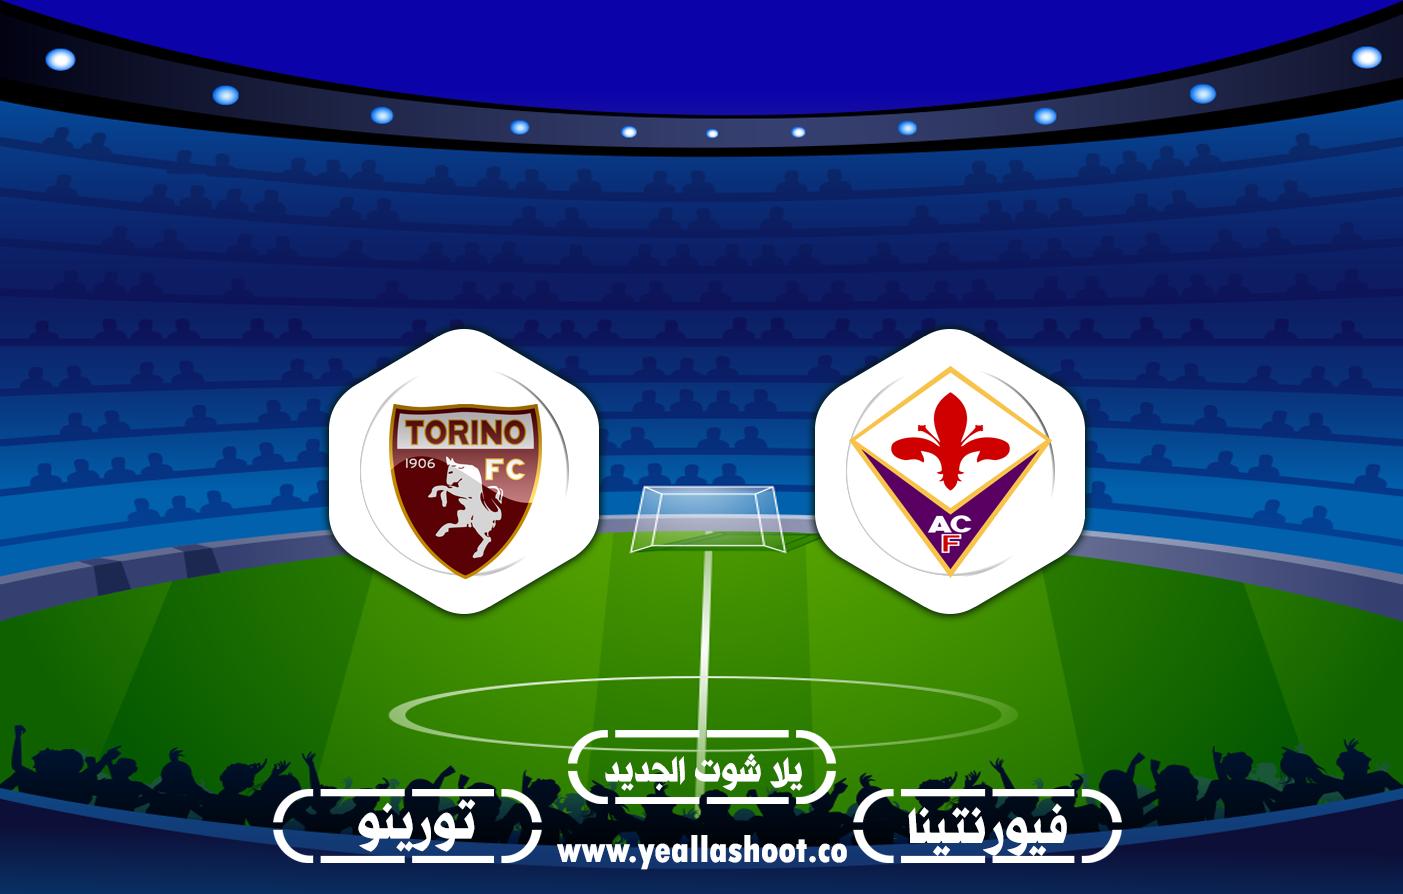 بث مباشر | مشاهدة مباراة فيورنتينا وتورينو الدوري الإيطالي